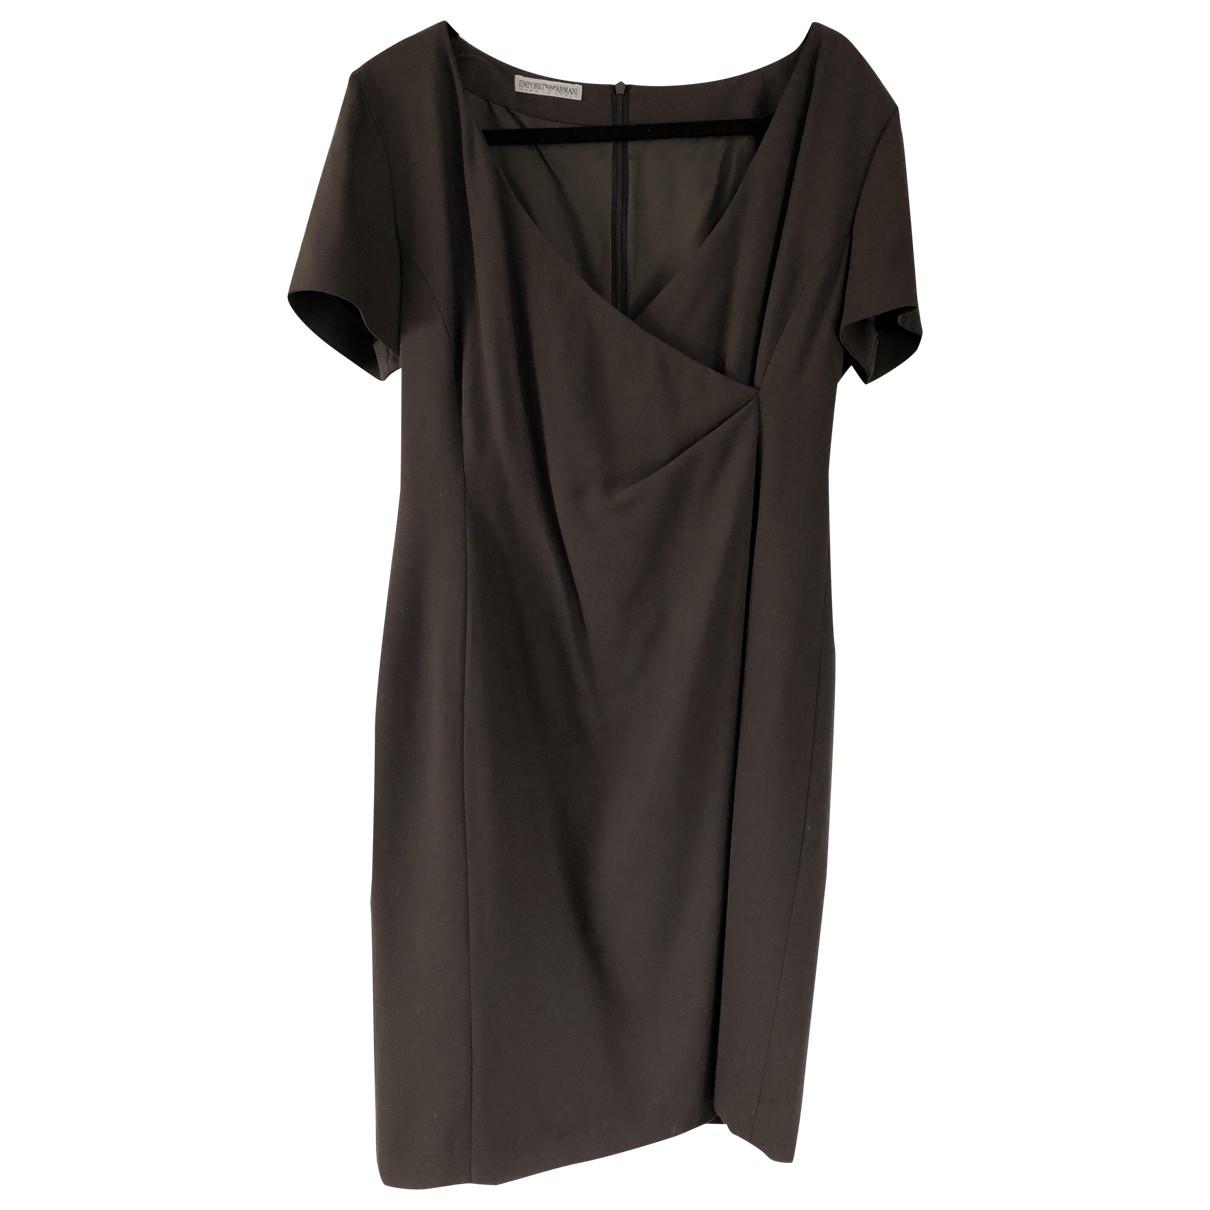 Emporio Armani - Robe   pour femme - marron